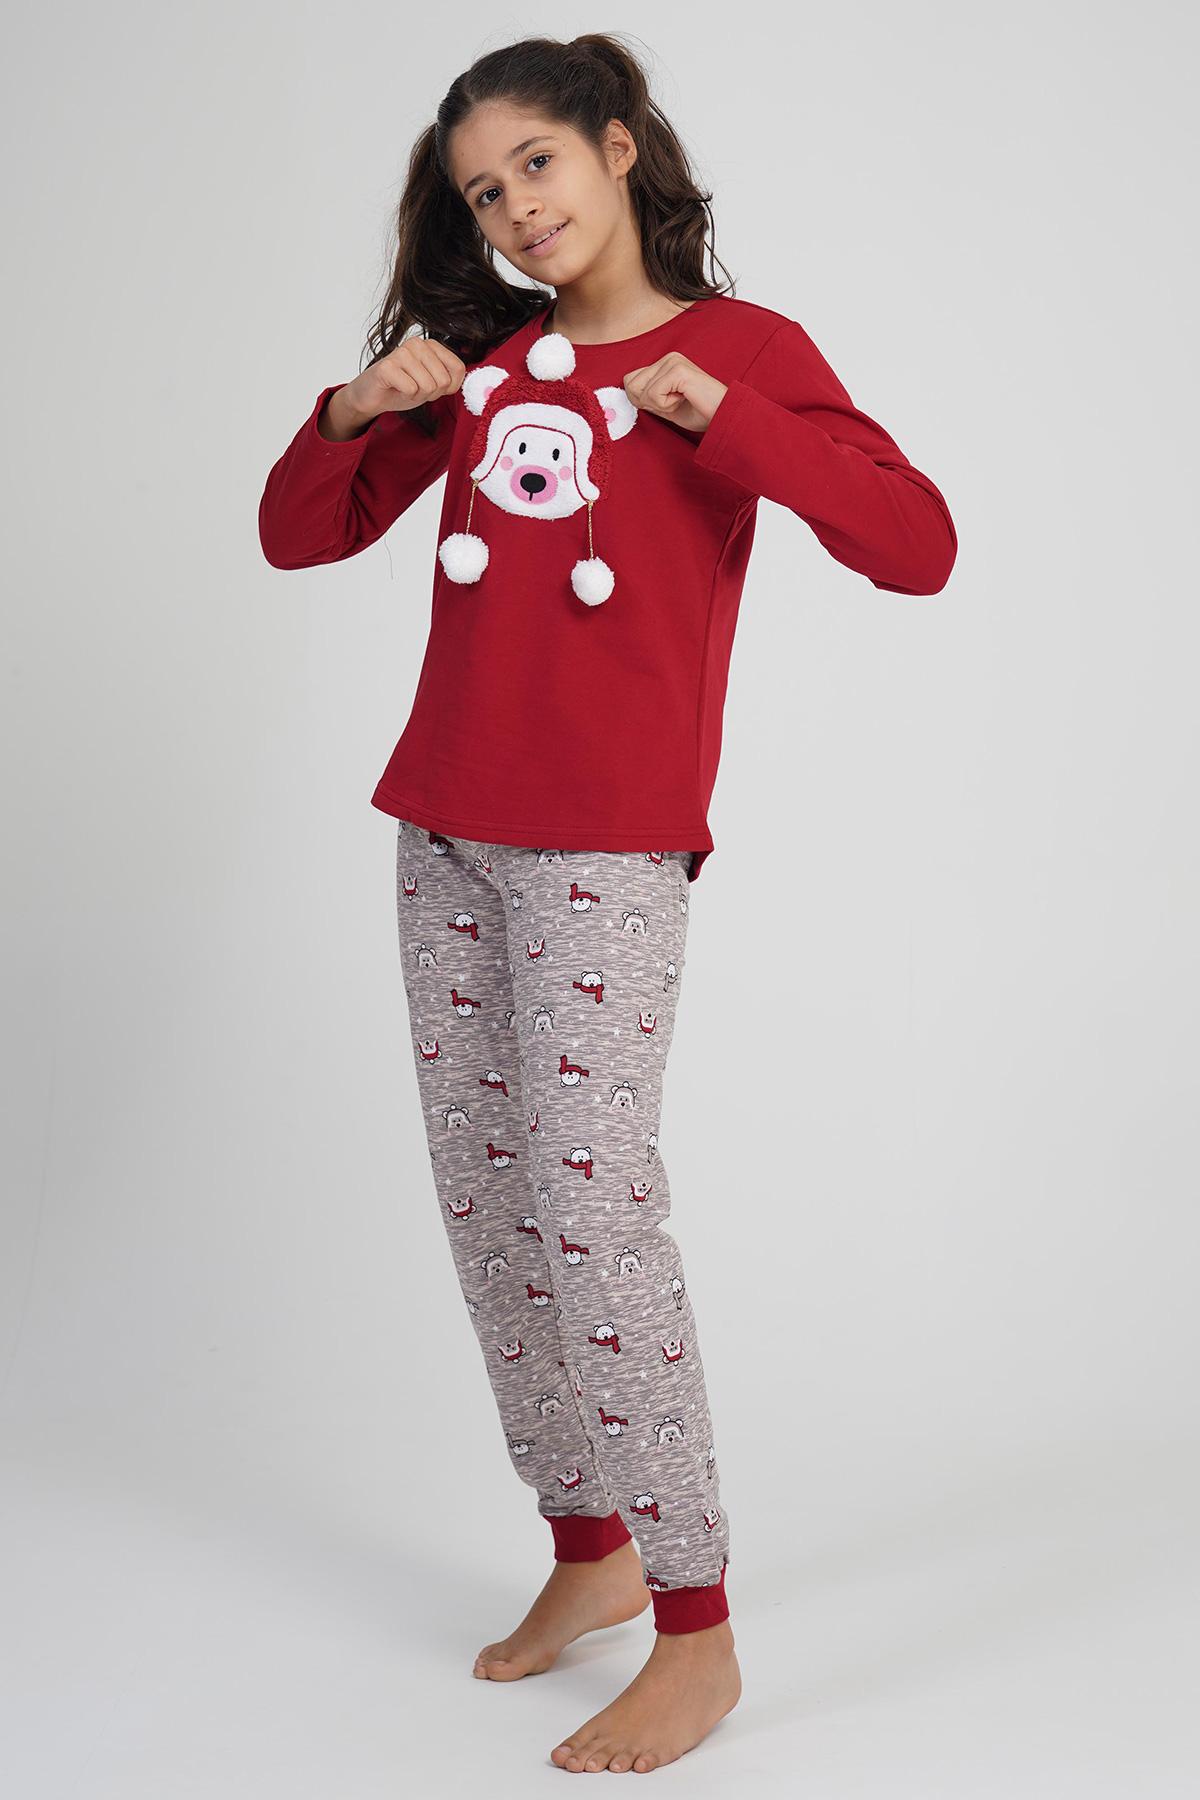 Kız Çocuk 2 İplik Ponpnlu Pamuklu Uzun Kol Pijama Takım